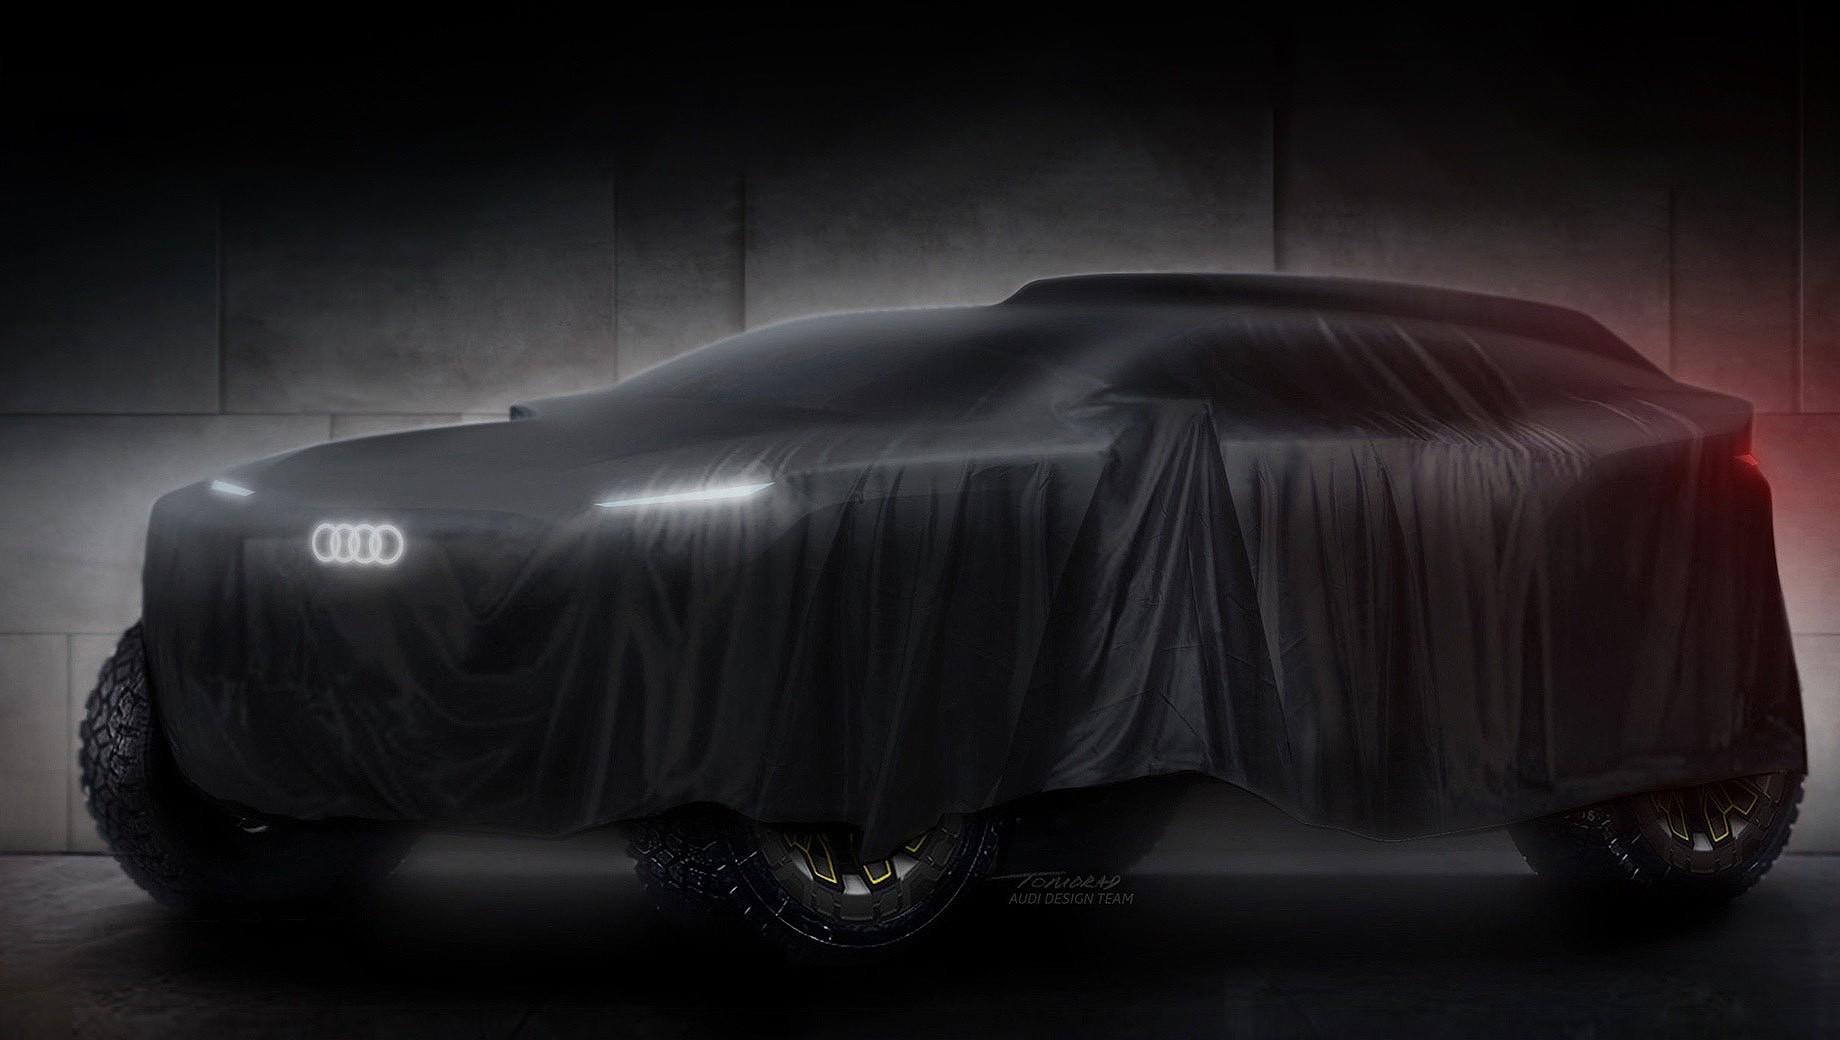 Audi sport,Audi dakar,Audi дакар. Одна из целей участия компании Audi в ралли «Дакар» — испытание гибридной силовой установки и особенно её электрических компонентов. Позже наработки в этой области будут использоваться при создании гражданских автомобилей.